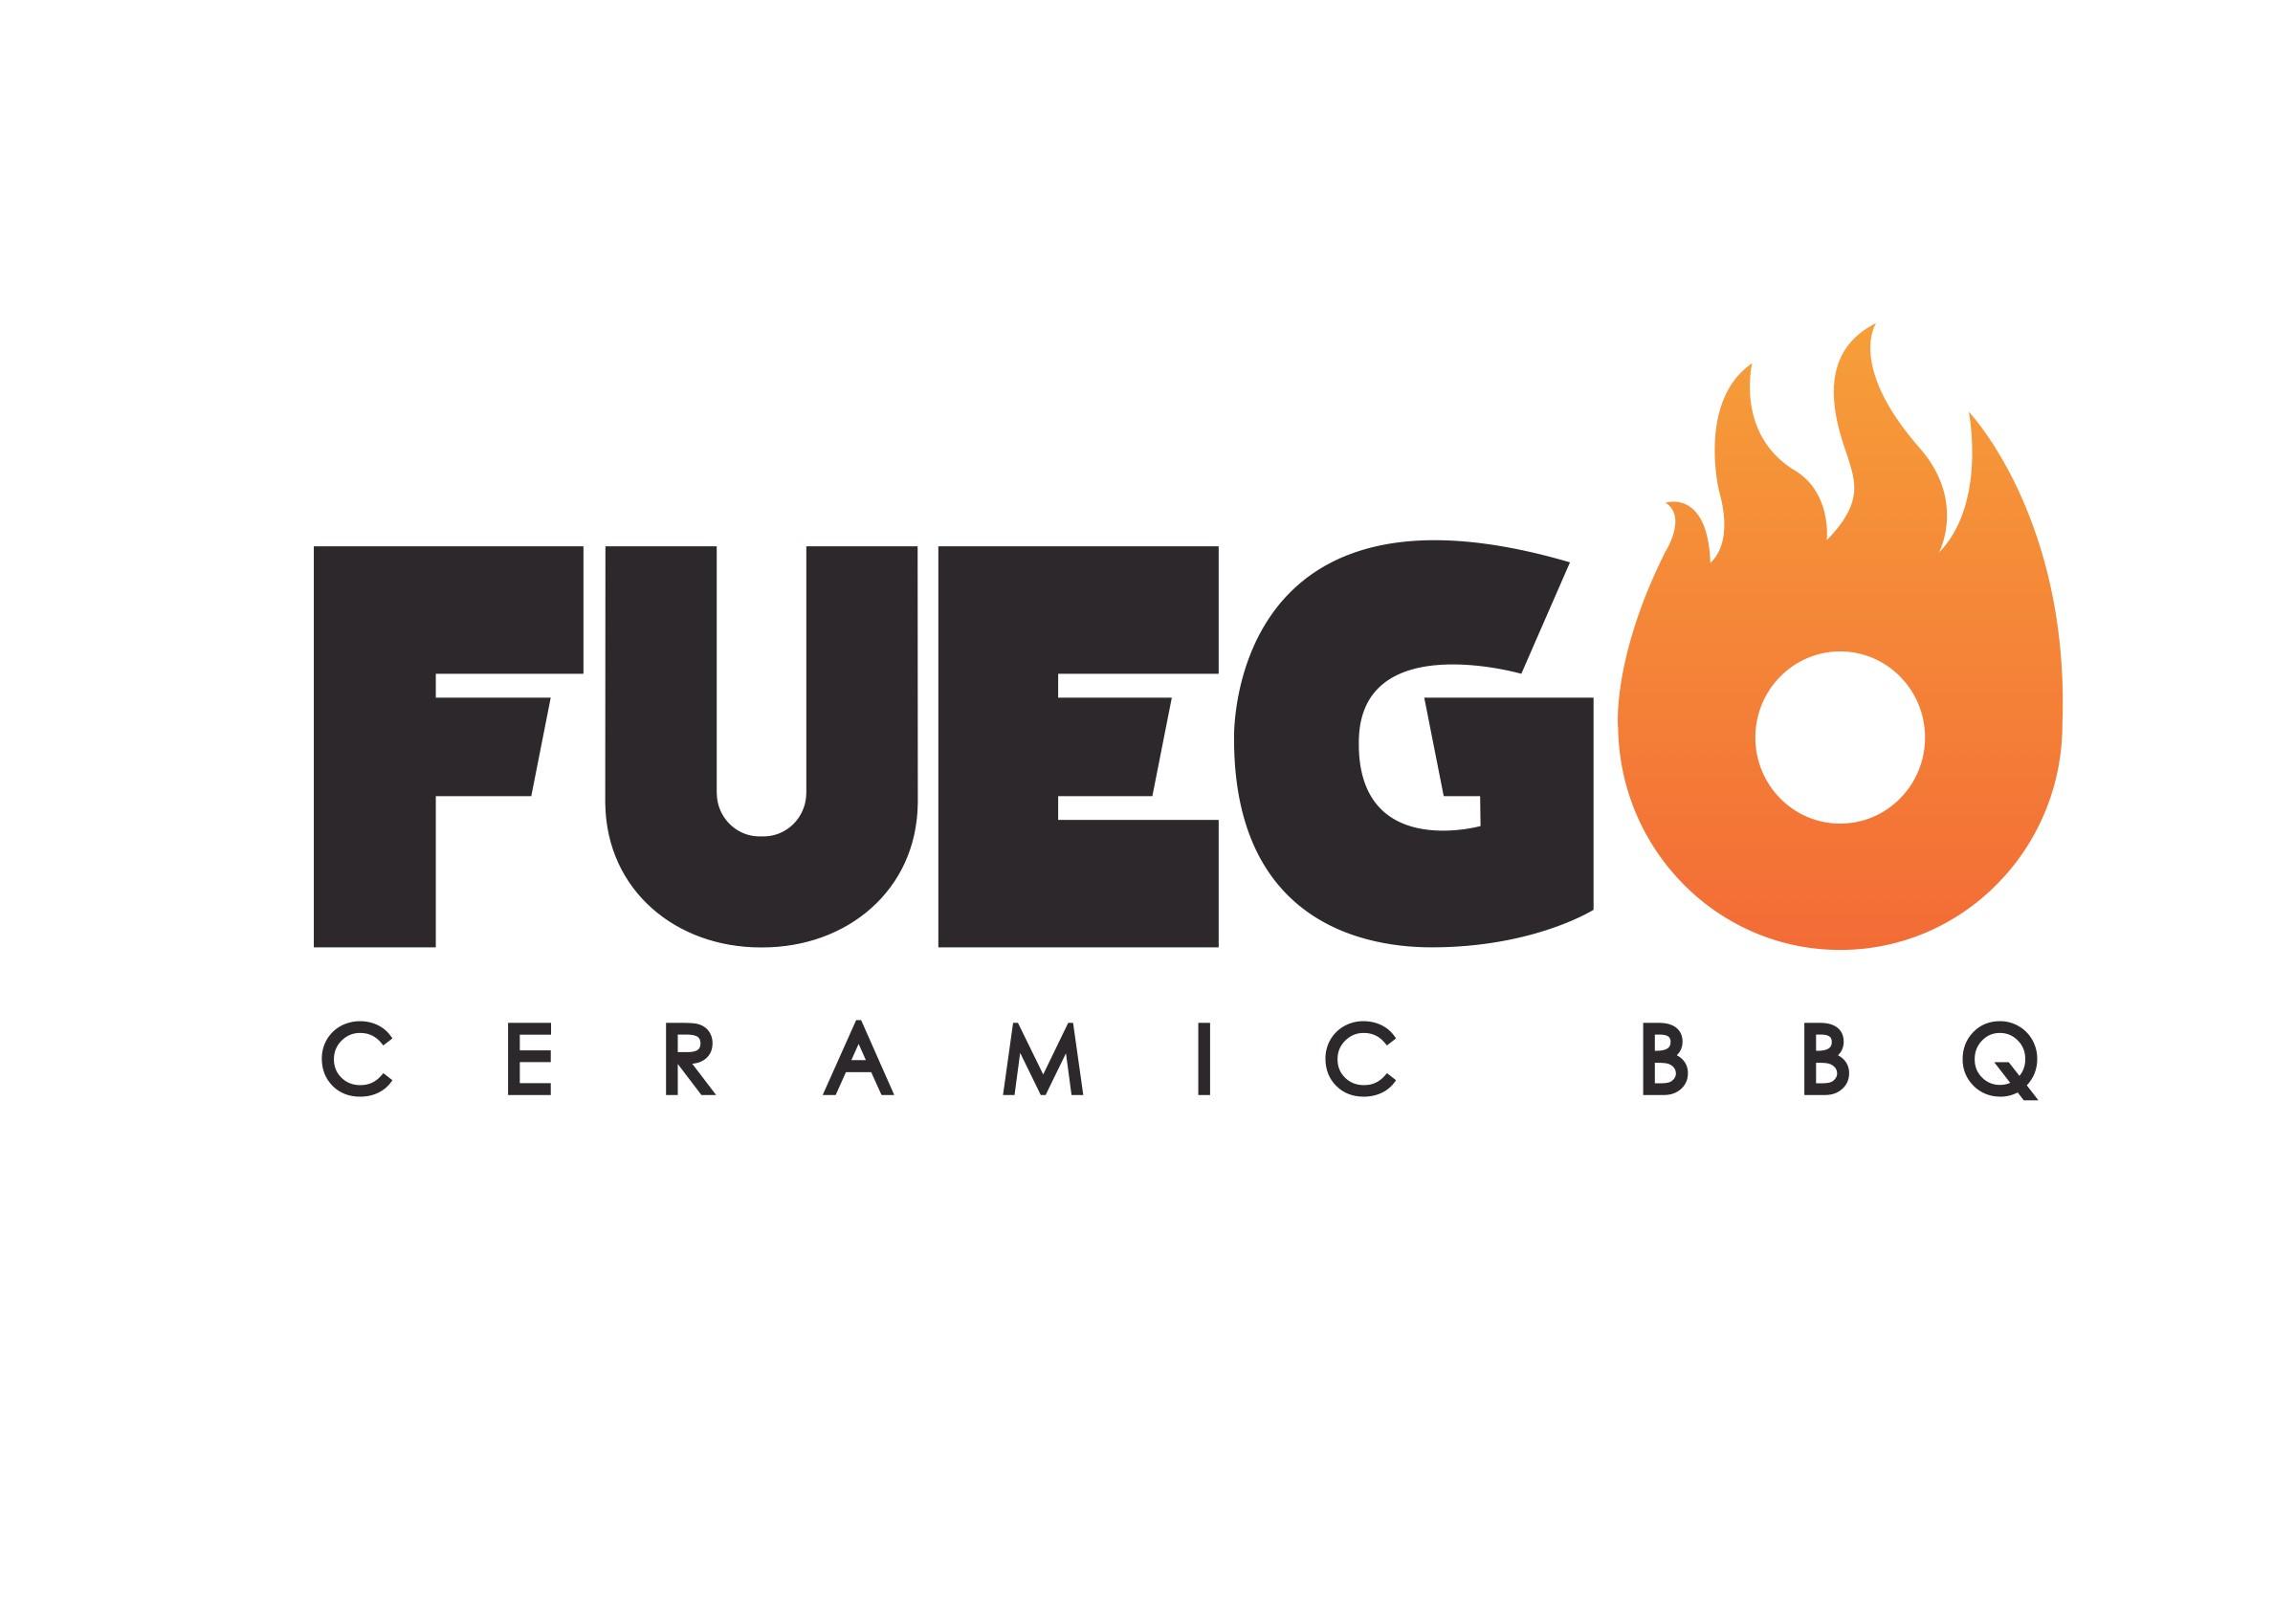 http://patbloom.com/fuego-logo/